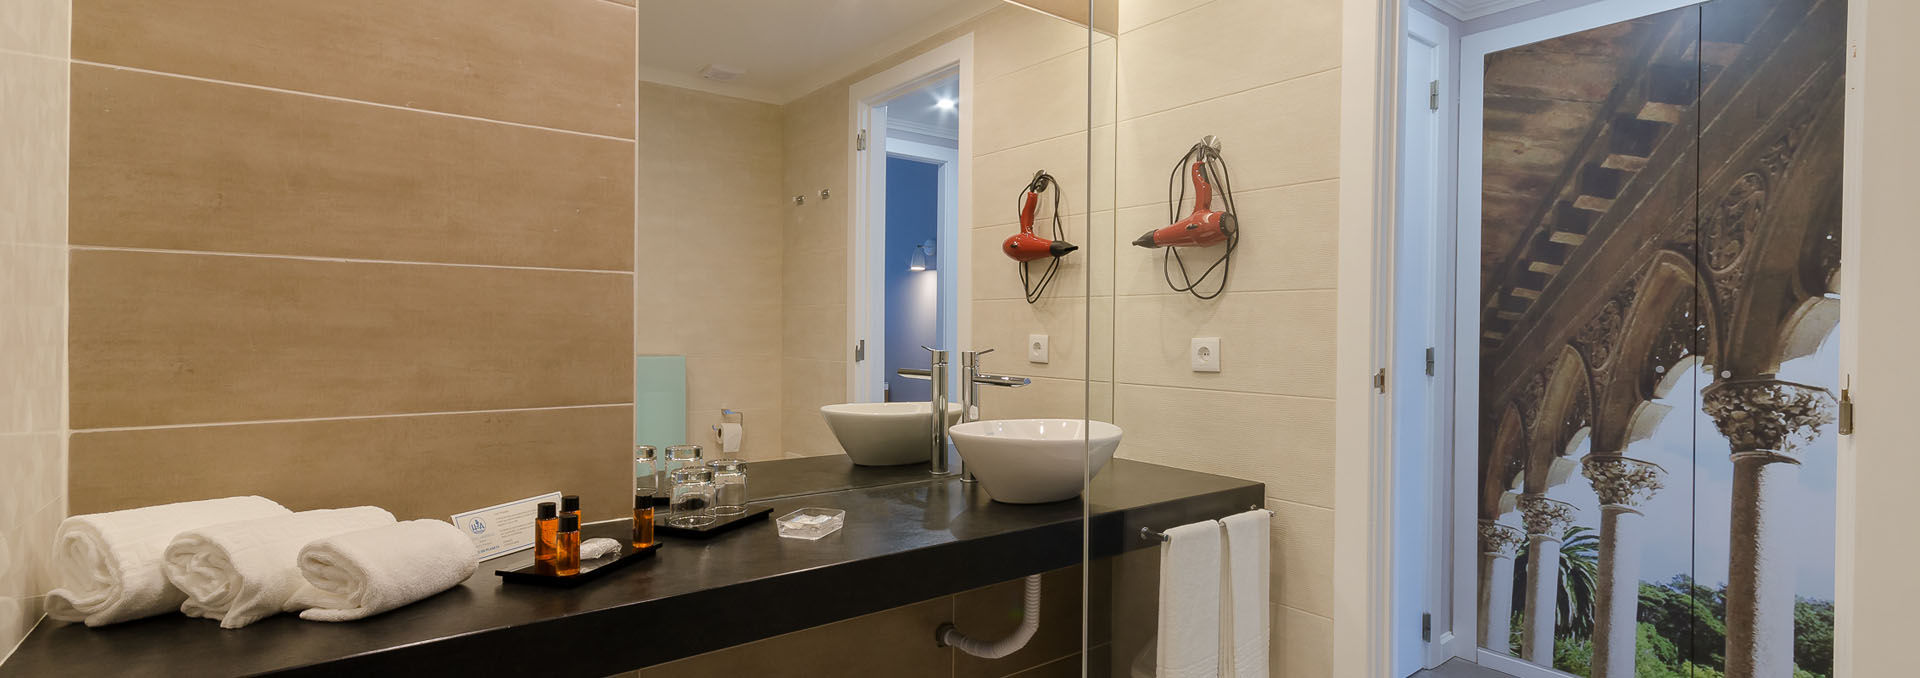 Arribas Sintra Hotel Alojamento / Casa de banho Standard